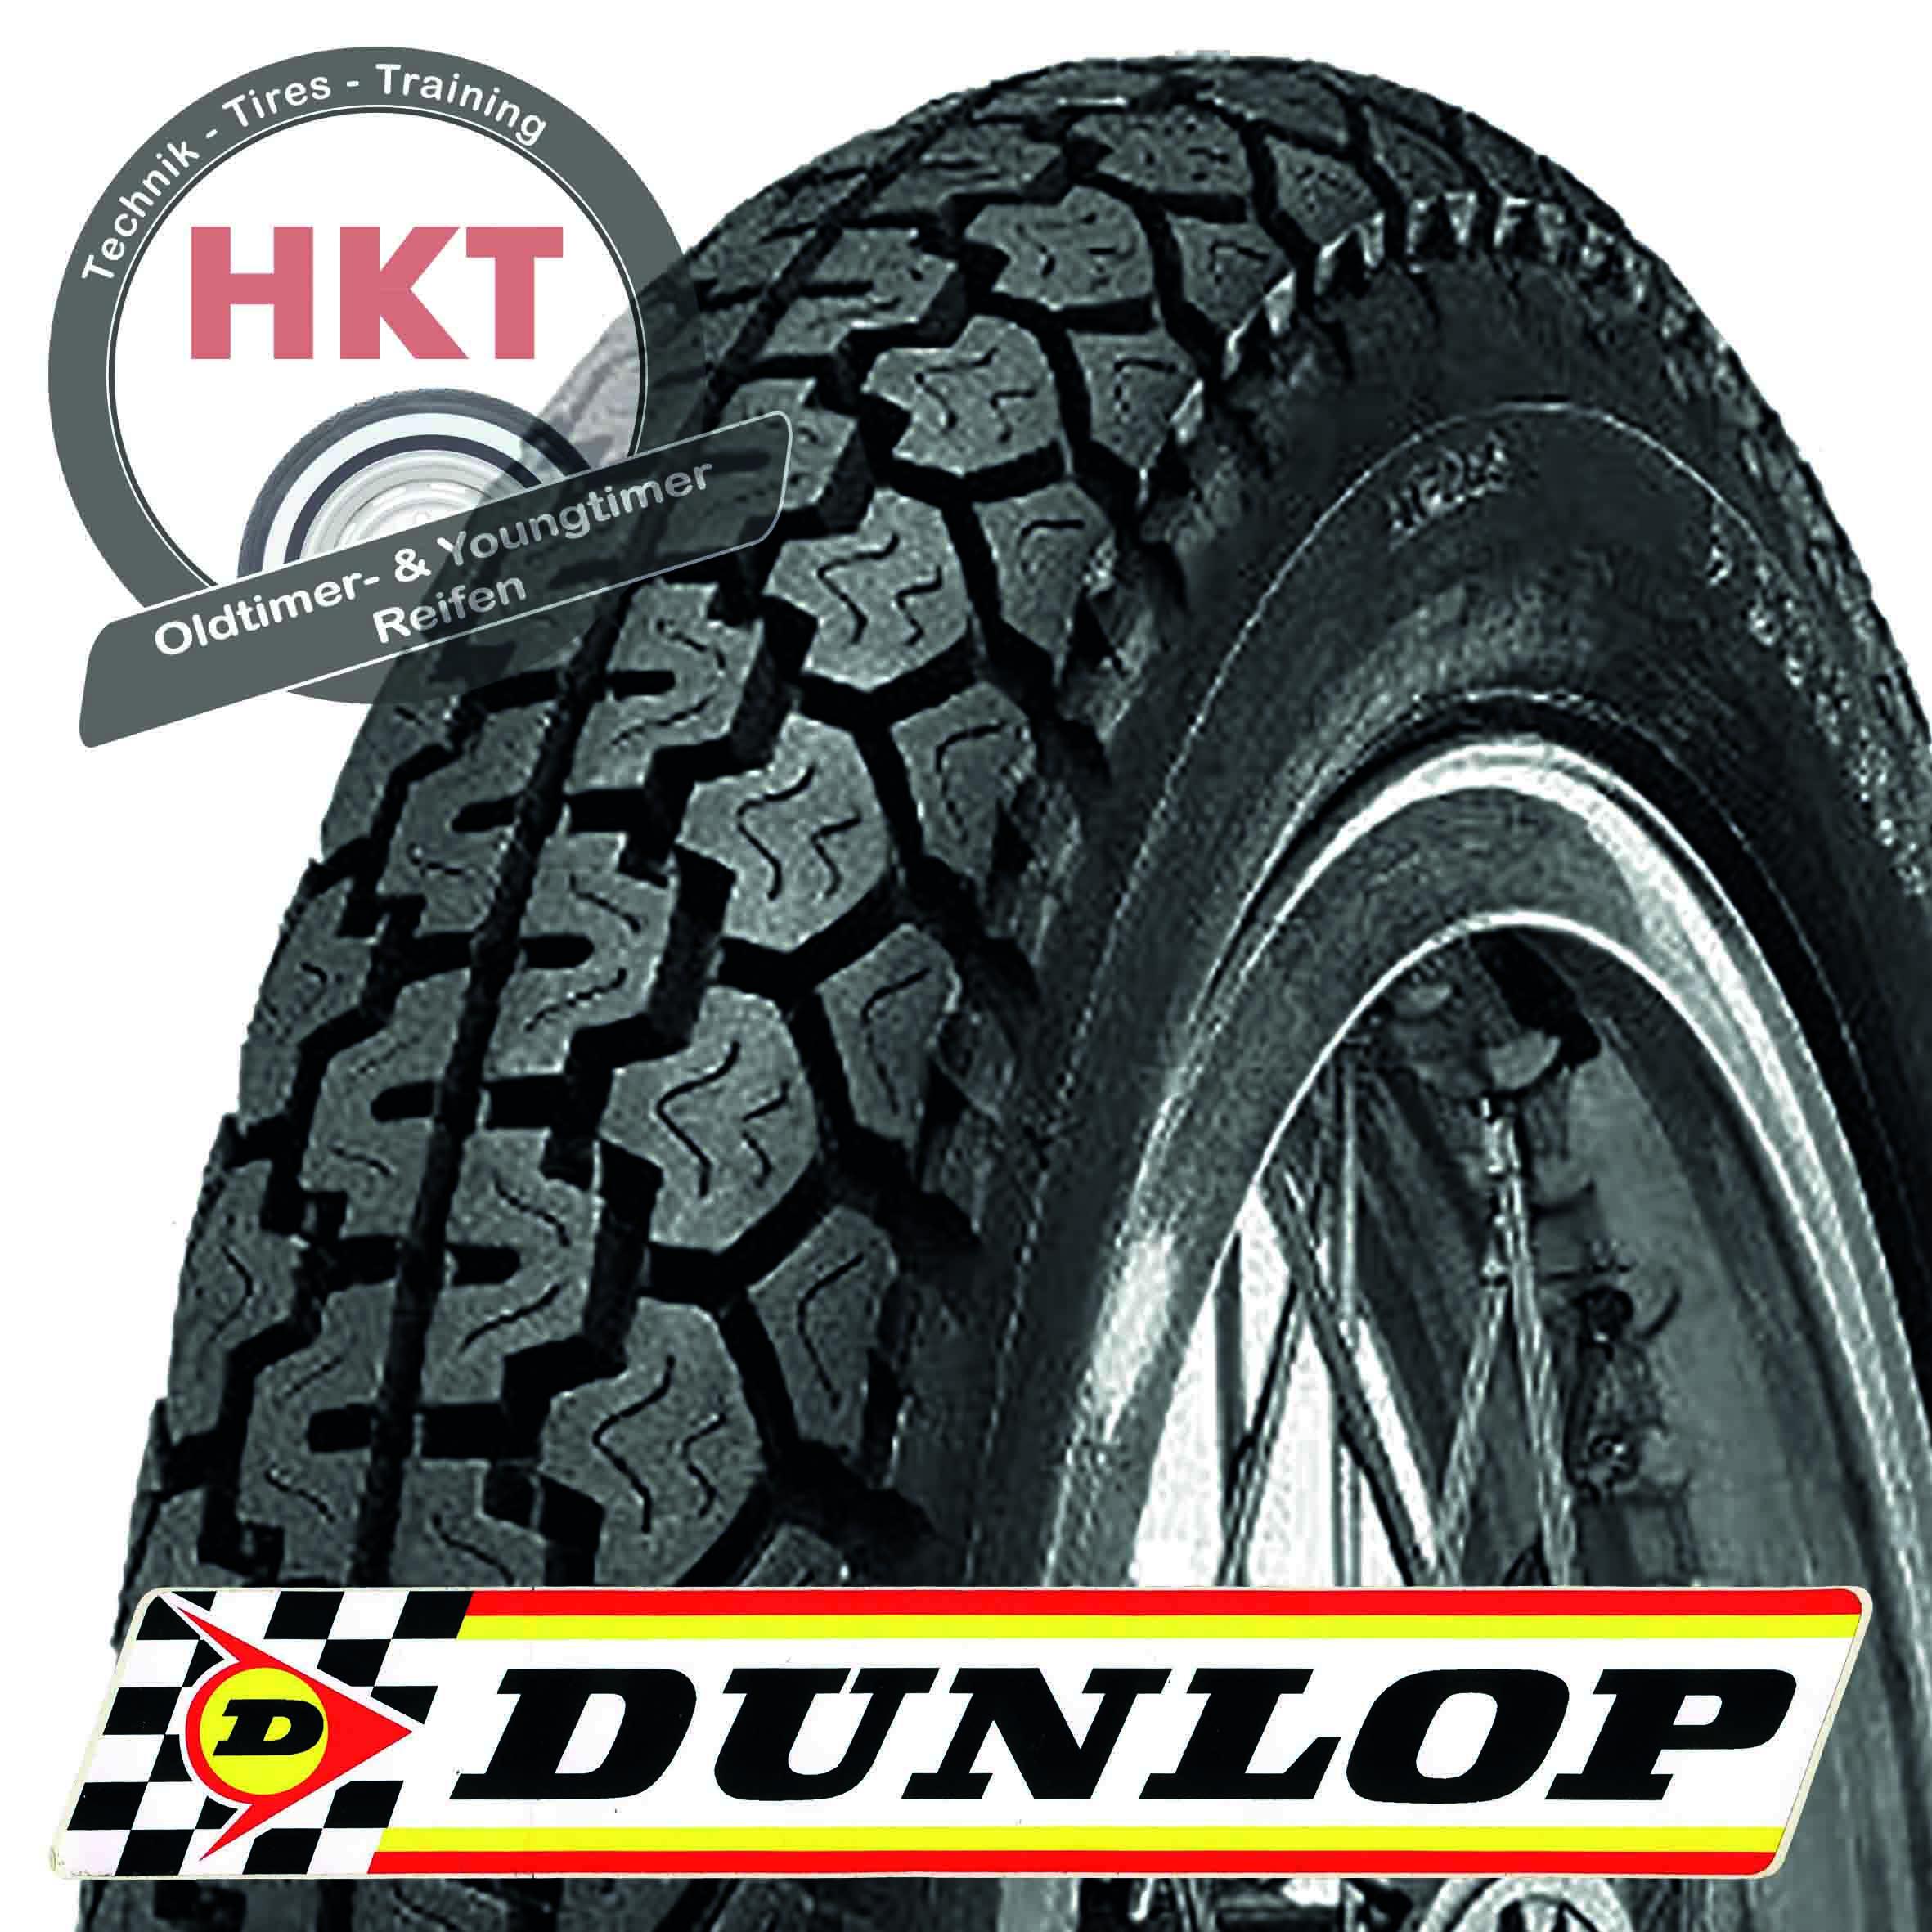 3.50-19 57P TT Dunlop K70